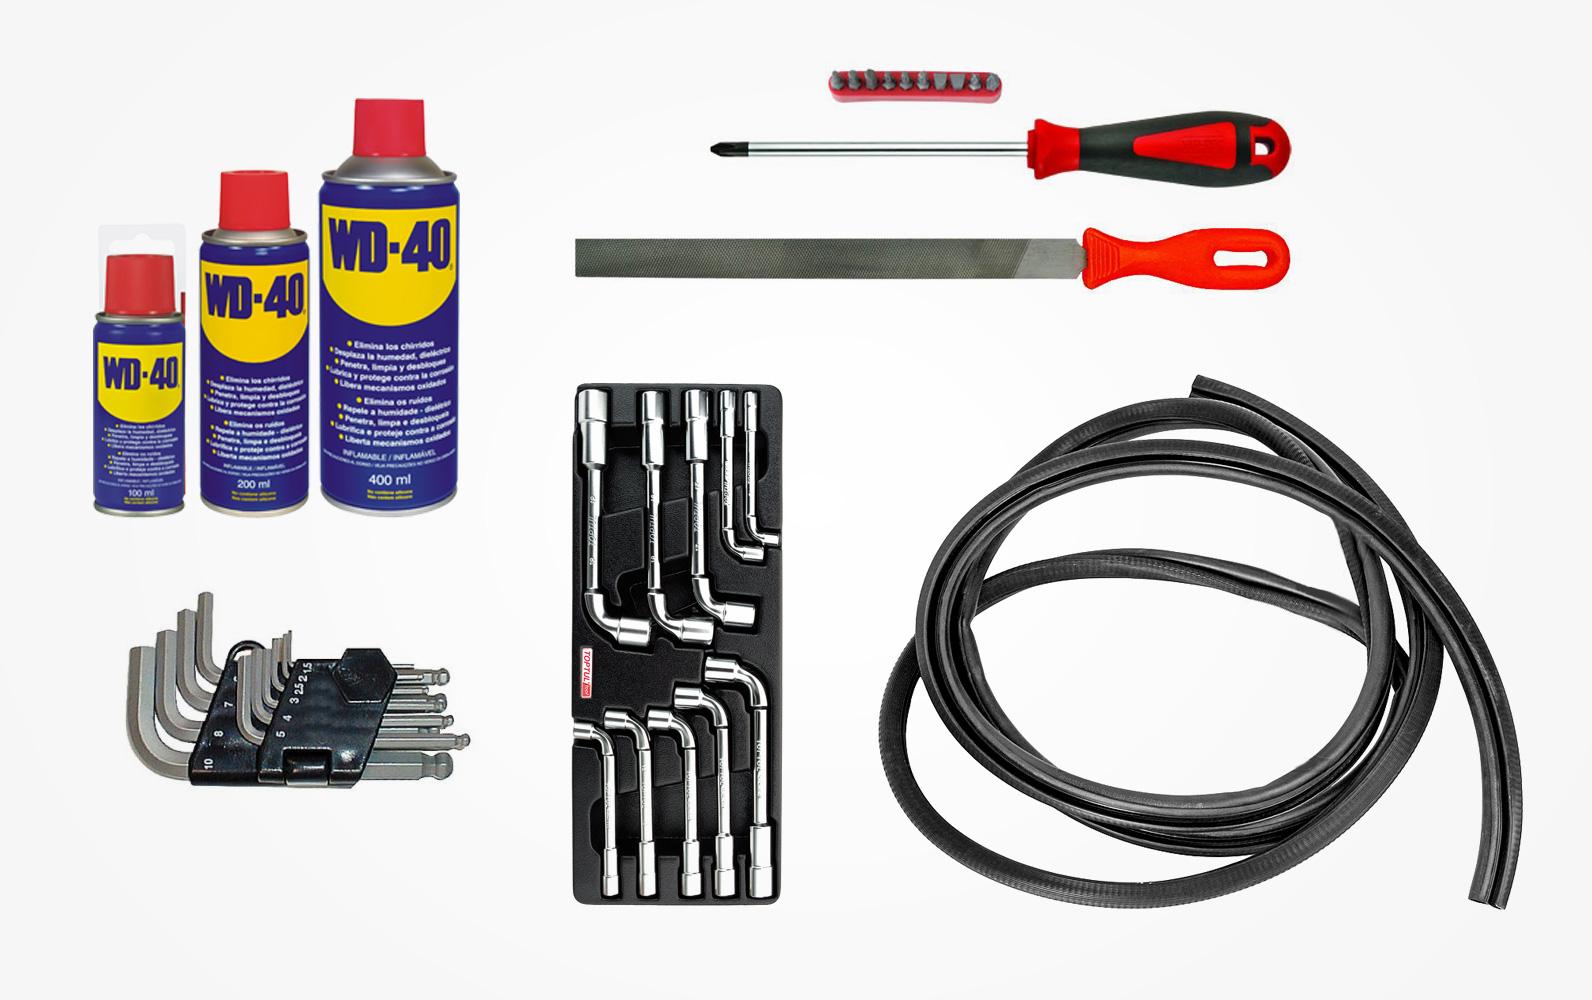 Стандартный набор инструмента для регулировки и частичного ремонта дверей